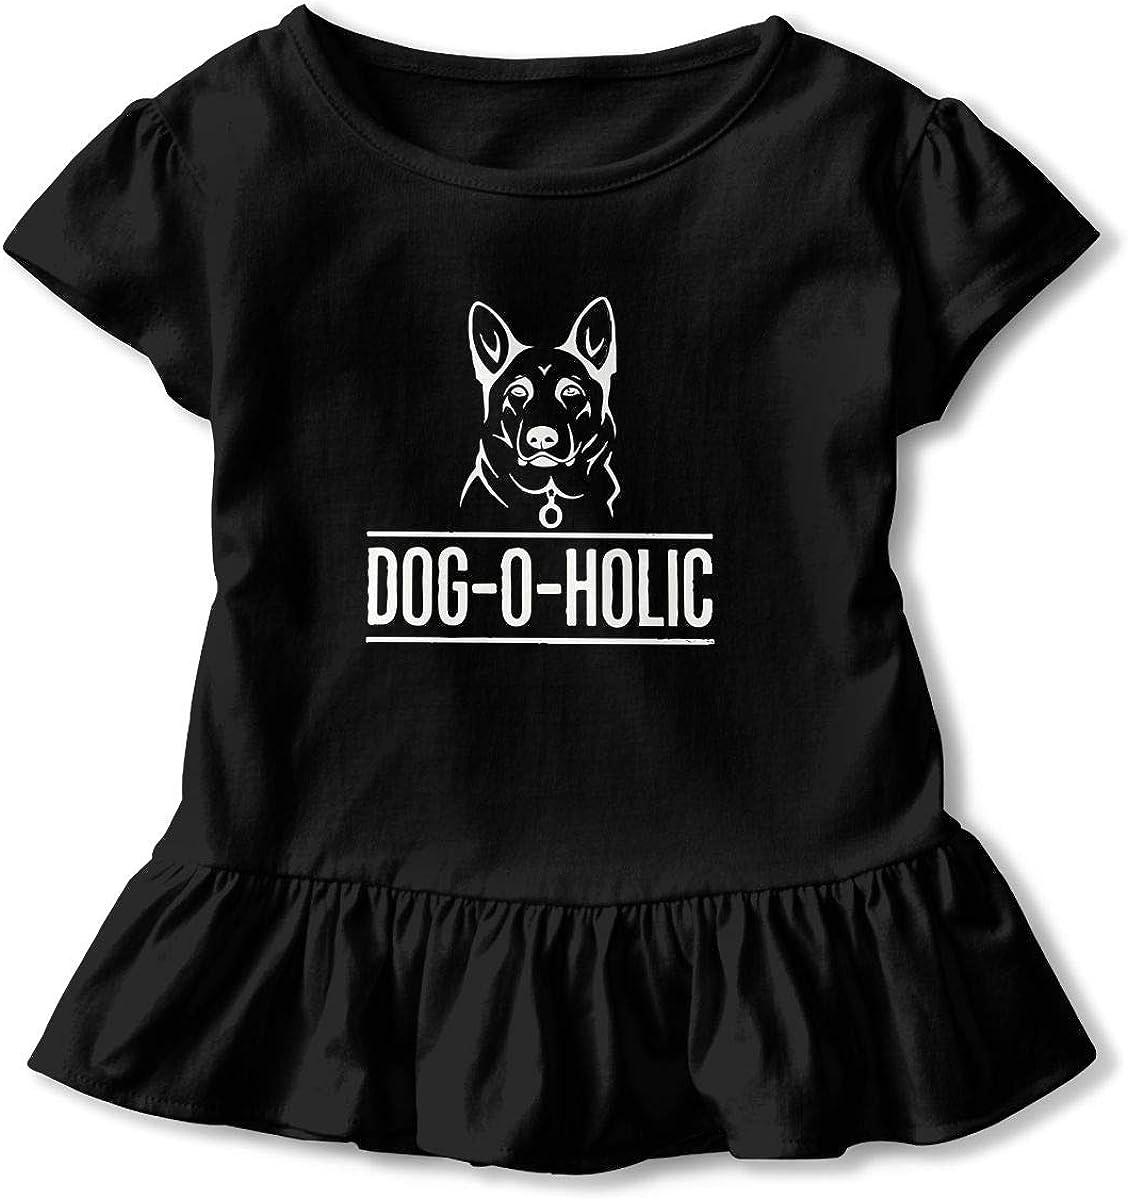 Cheng Jian Bo Gifts for German Shepherd Dog Lovers Toddler Girls T Shirt Kids Cotton Short Sleeve Ruffle Tee